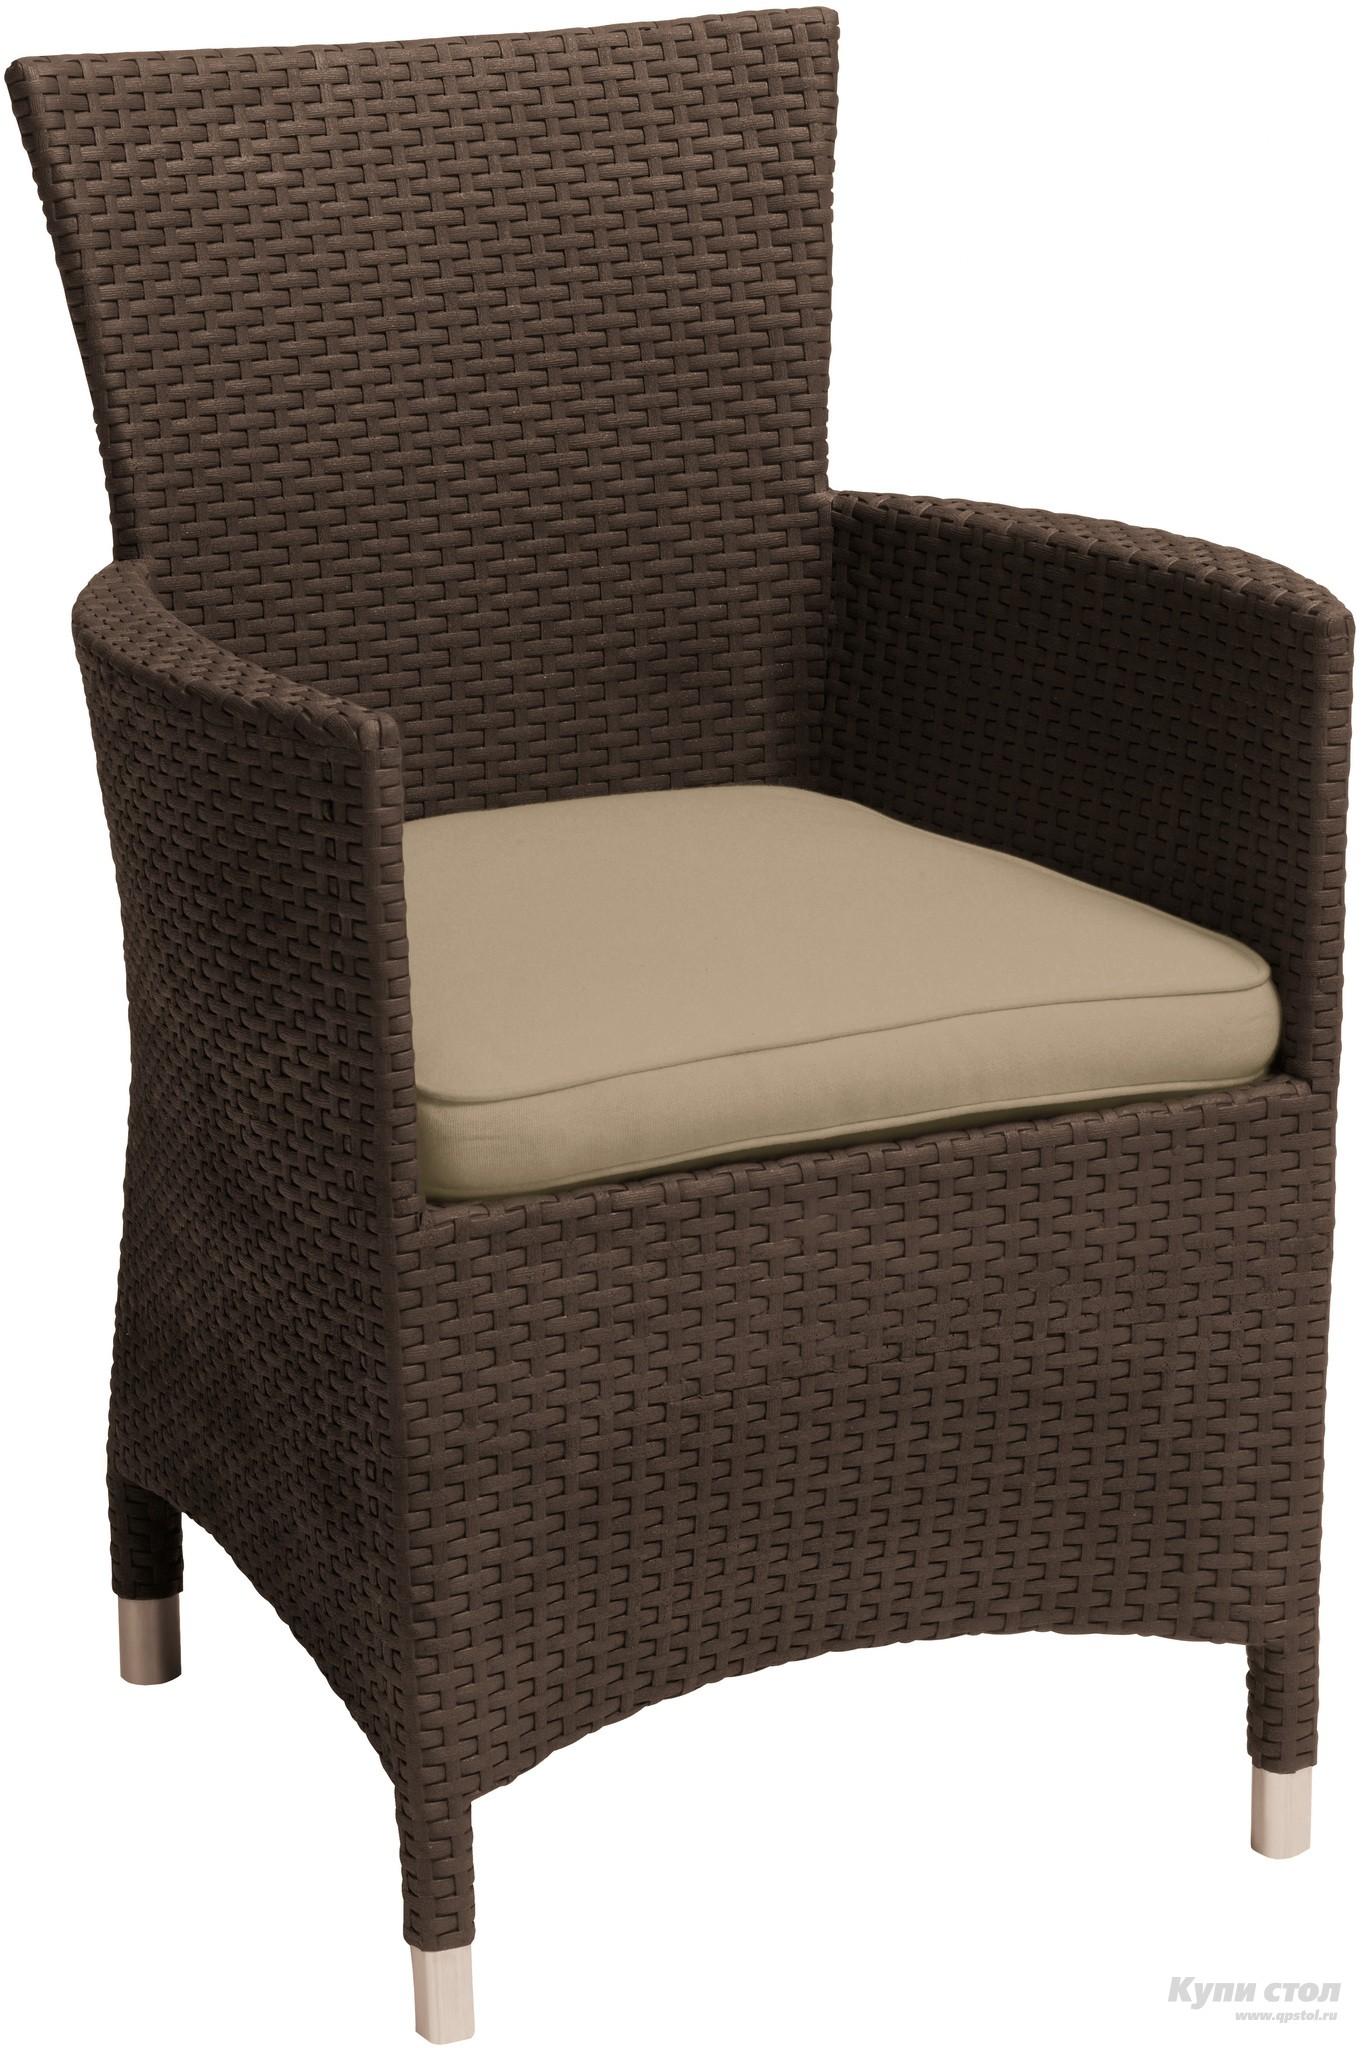 Плетеное кресло Стул Montana (из атмосферостойкого пластика, имитация ротанга) КупиСтол.Ru 4300.000